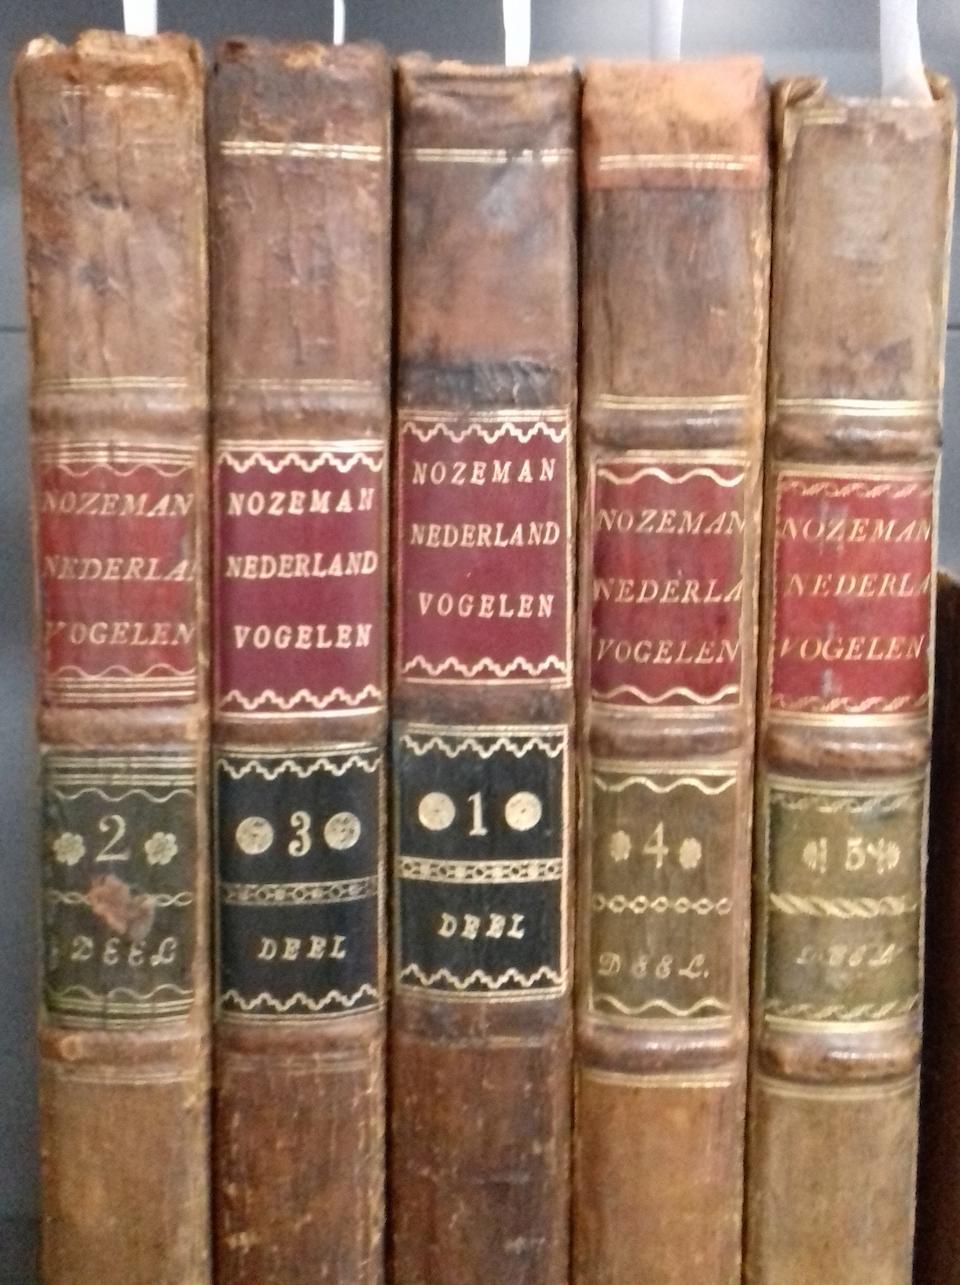 NOZEMAN (CORNELIUS) Nederlandsche Vogelen, 5 vol., FIRST EDITION, Amsterdam, Jan Christiaan Sepp, 1770-1829